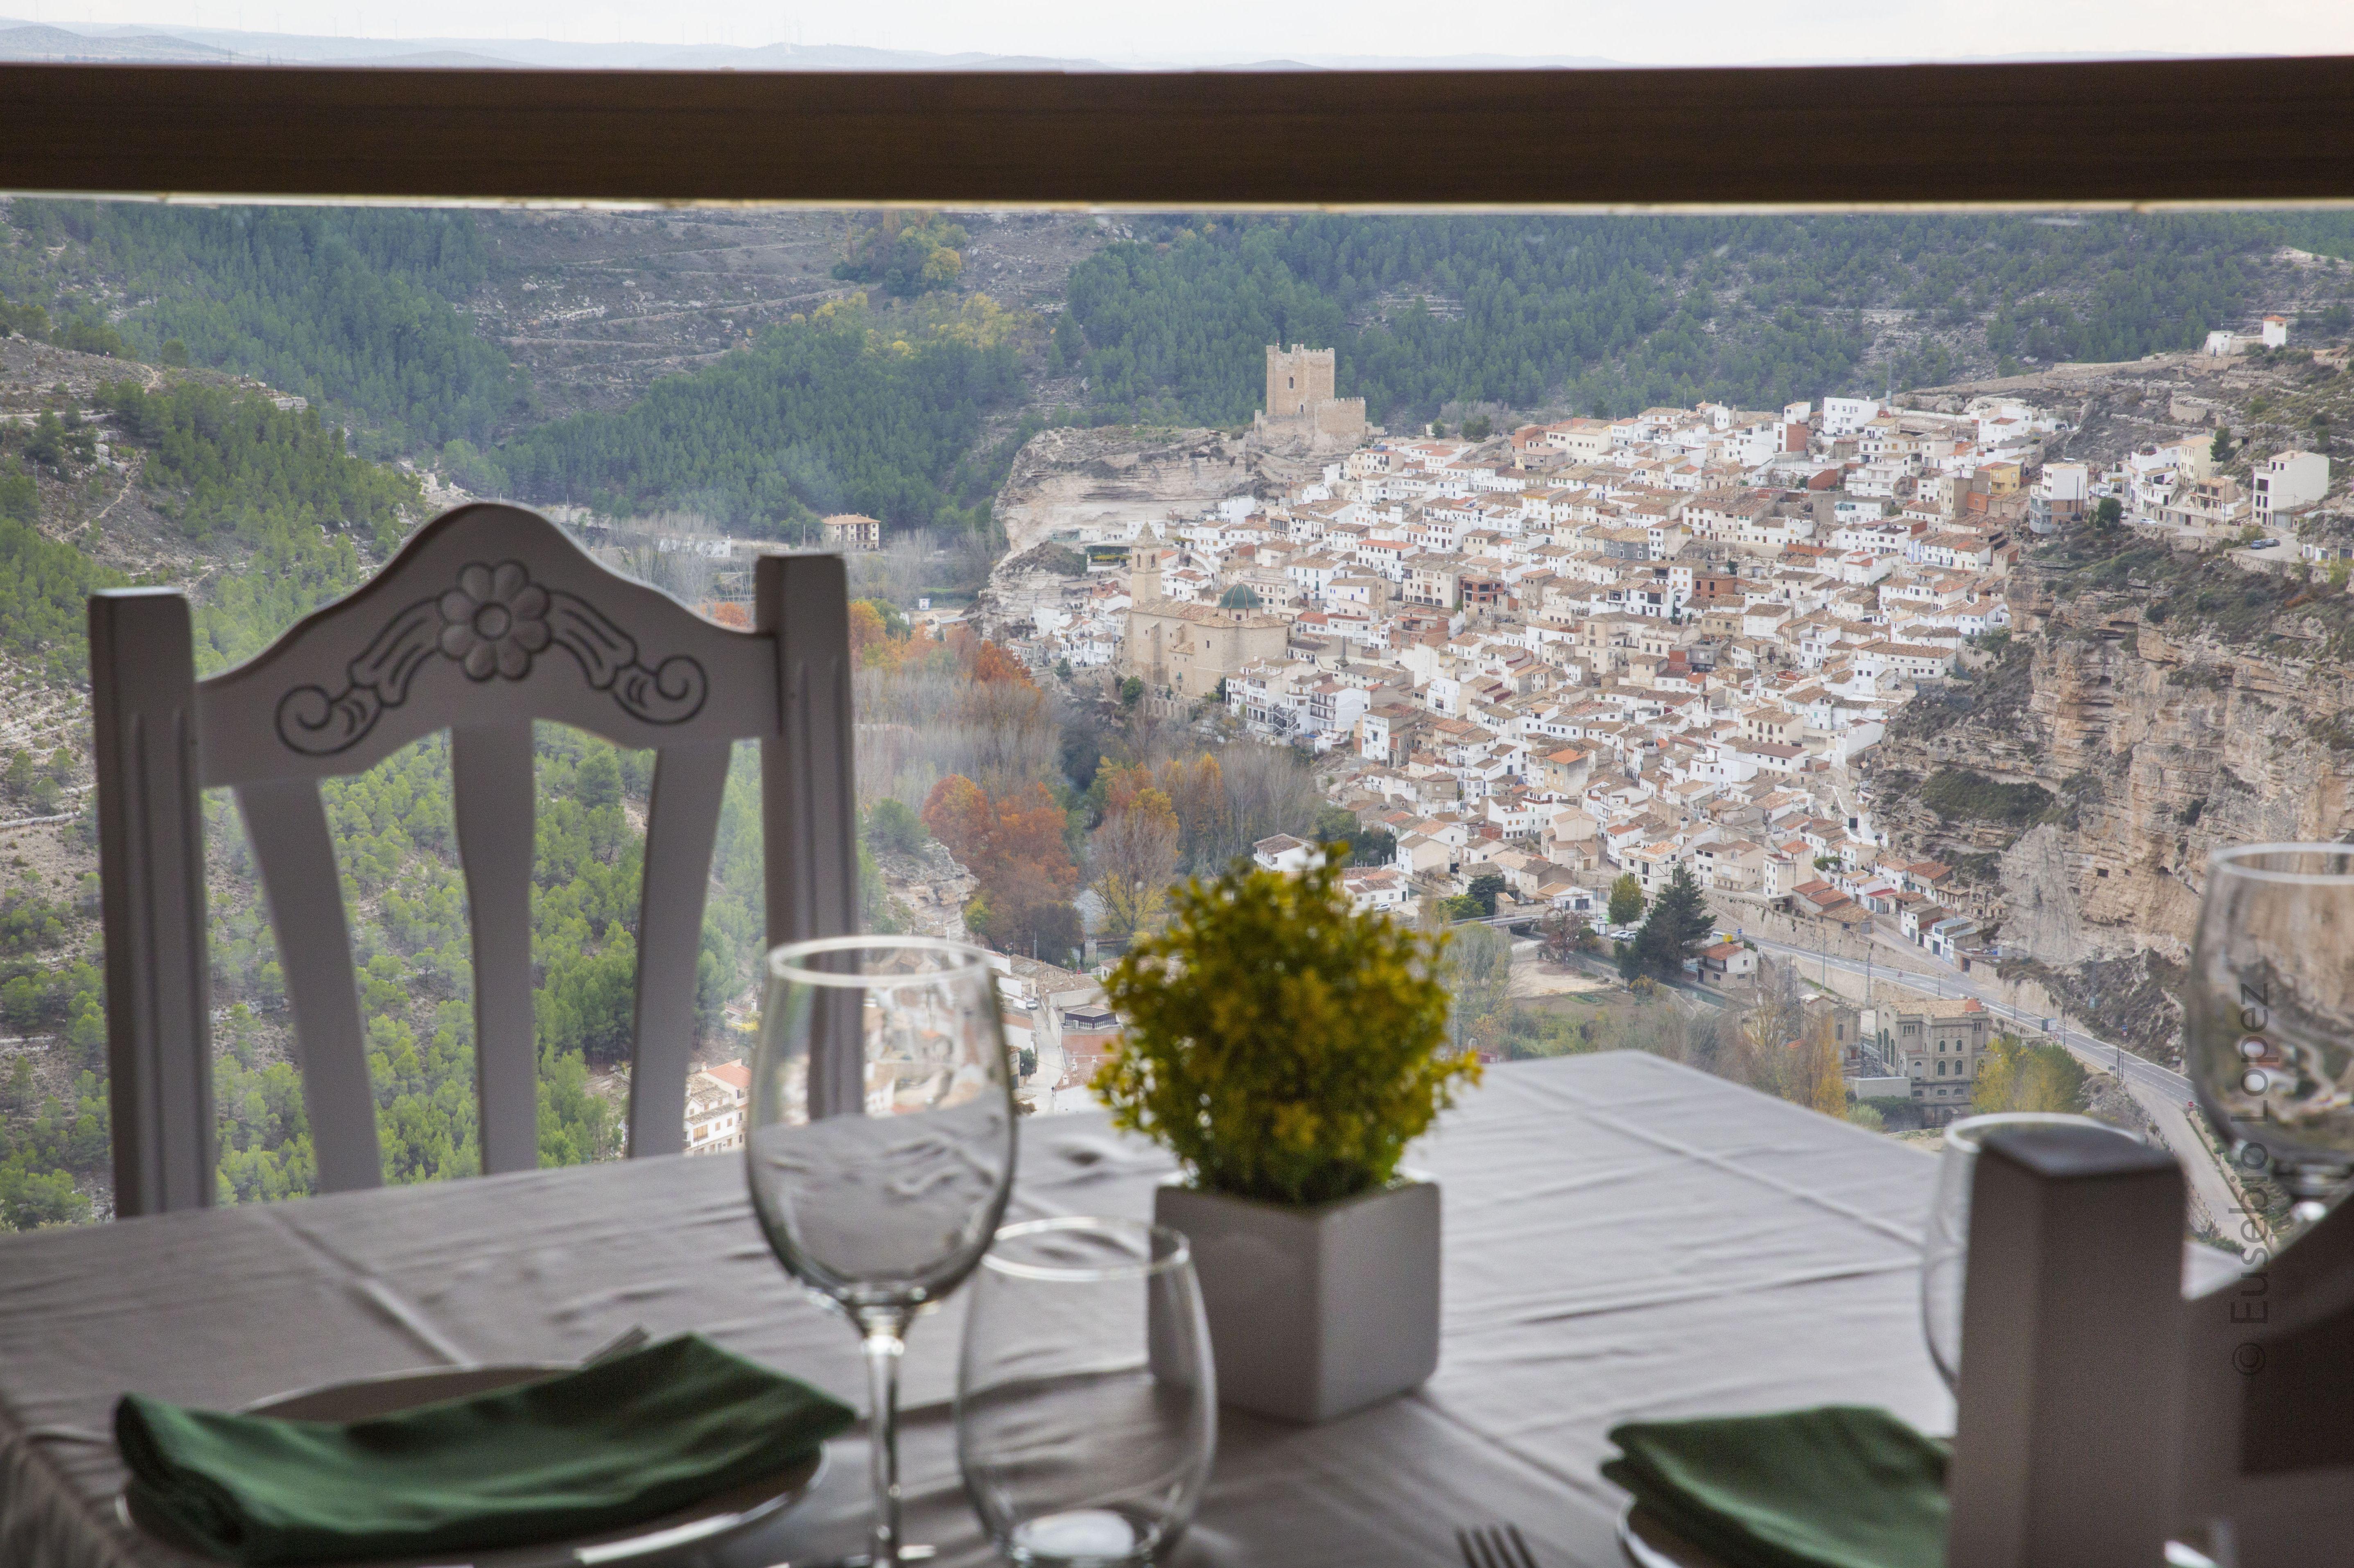 Mesa de nuestro restaurante con una gran vista del pueblo